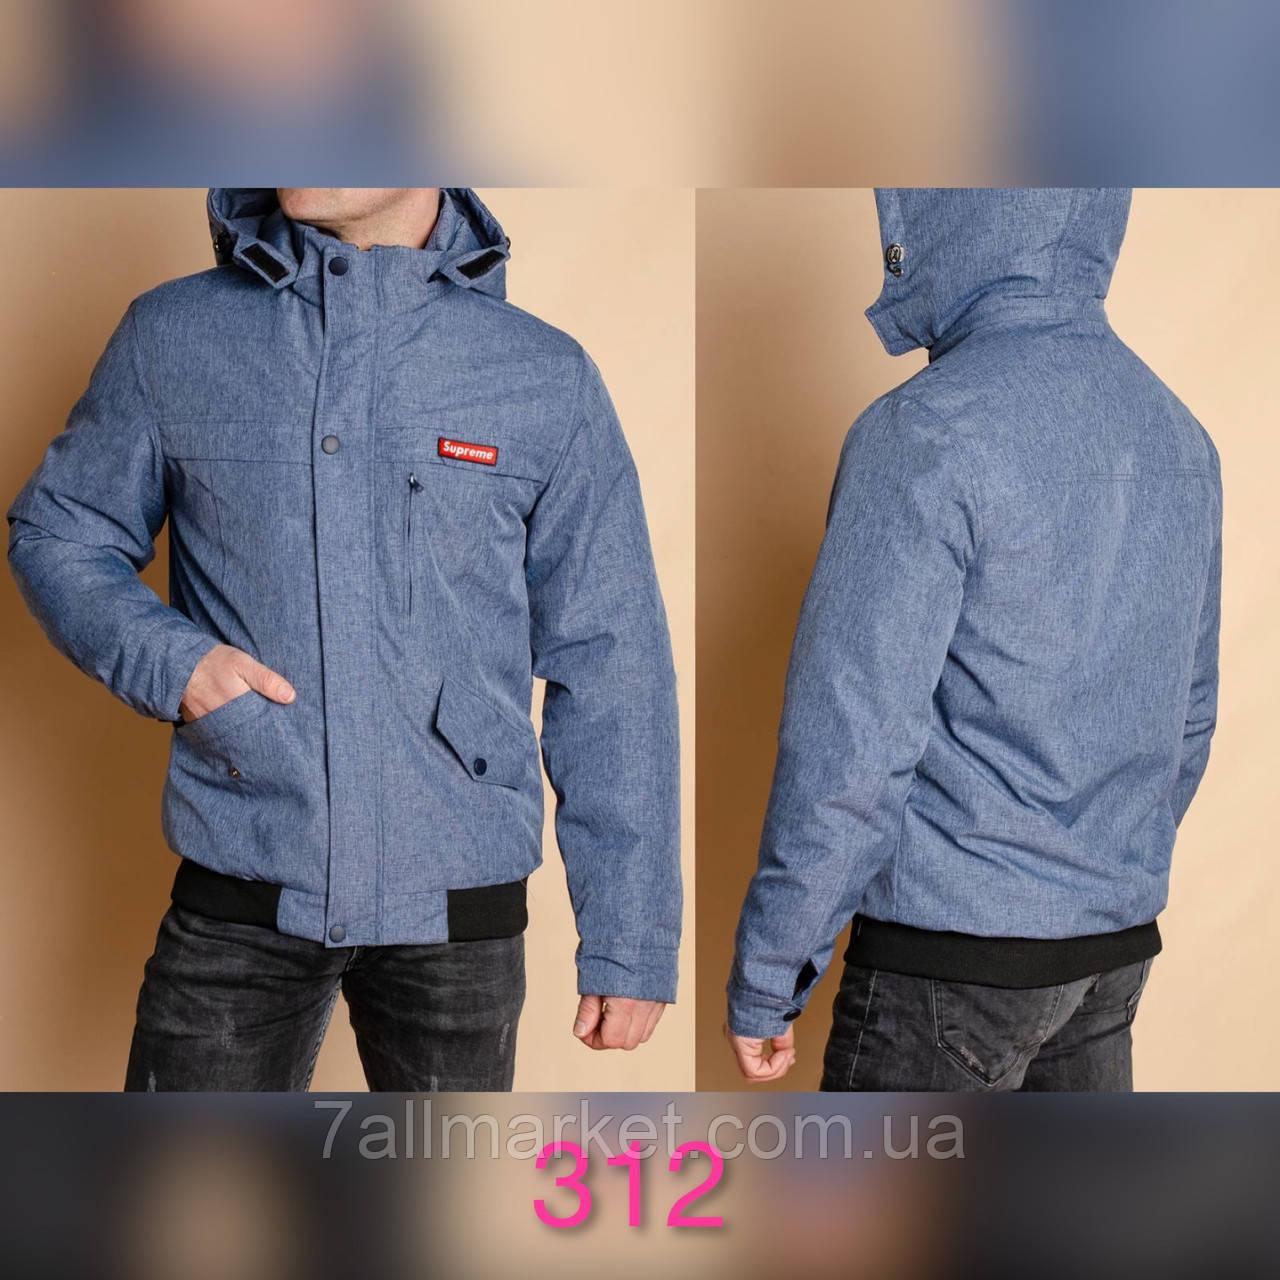 """Куртка мужская демисезонная CUPREME, размеры 48-56 (3цв) """"SPRING"""" недорого от прямого поставщика"""